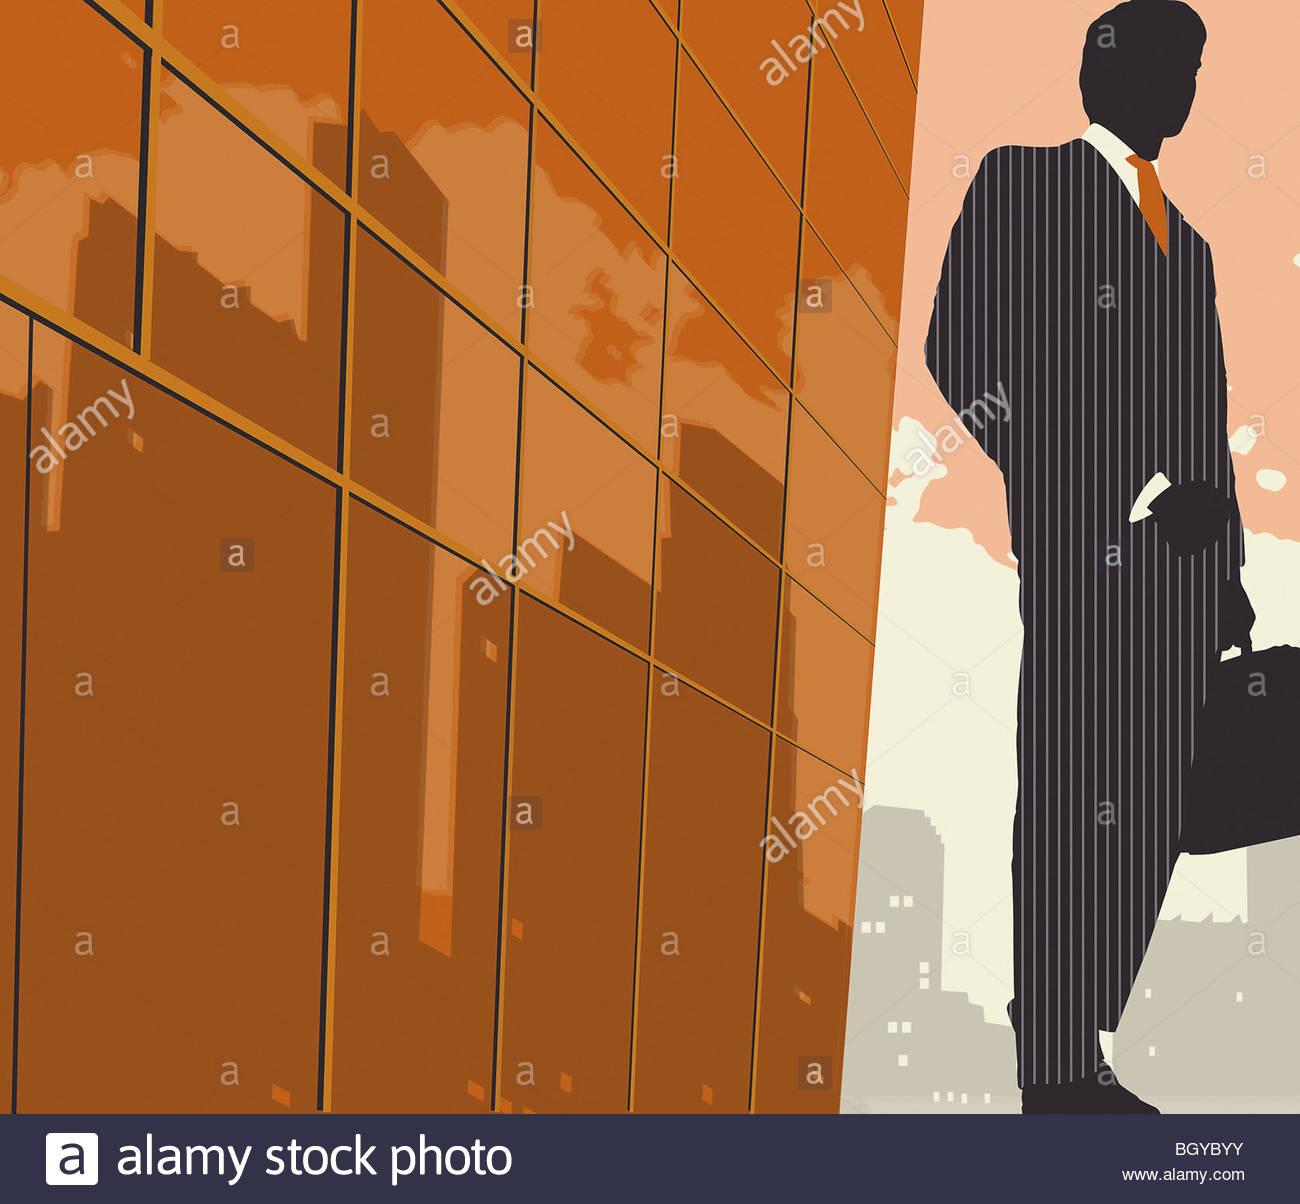 Imprenditore sul marciapiede con valigetta Immagini Stock